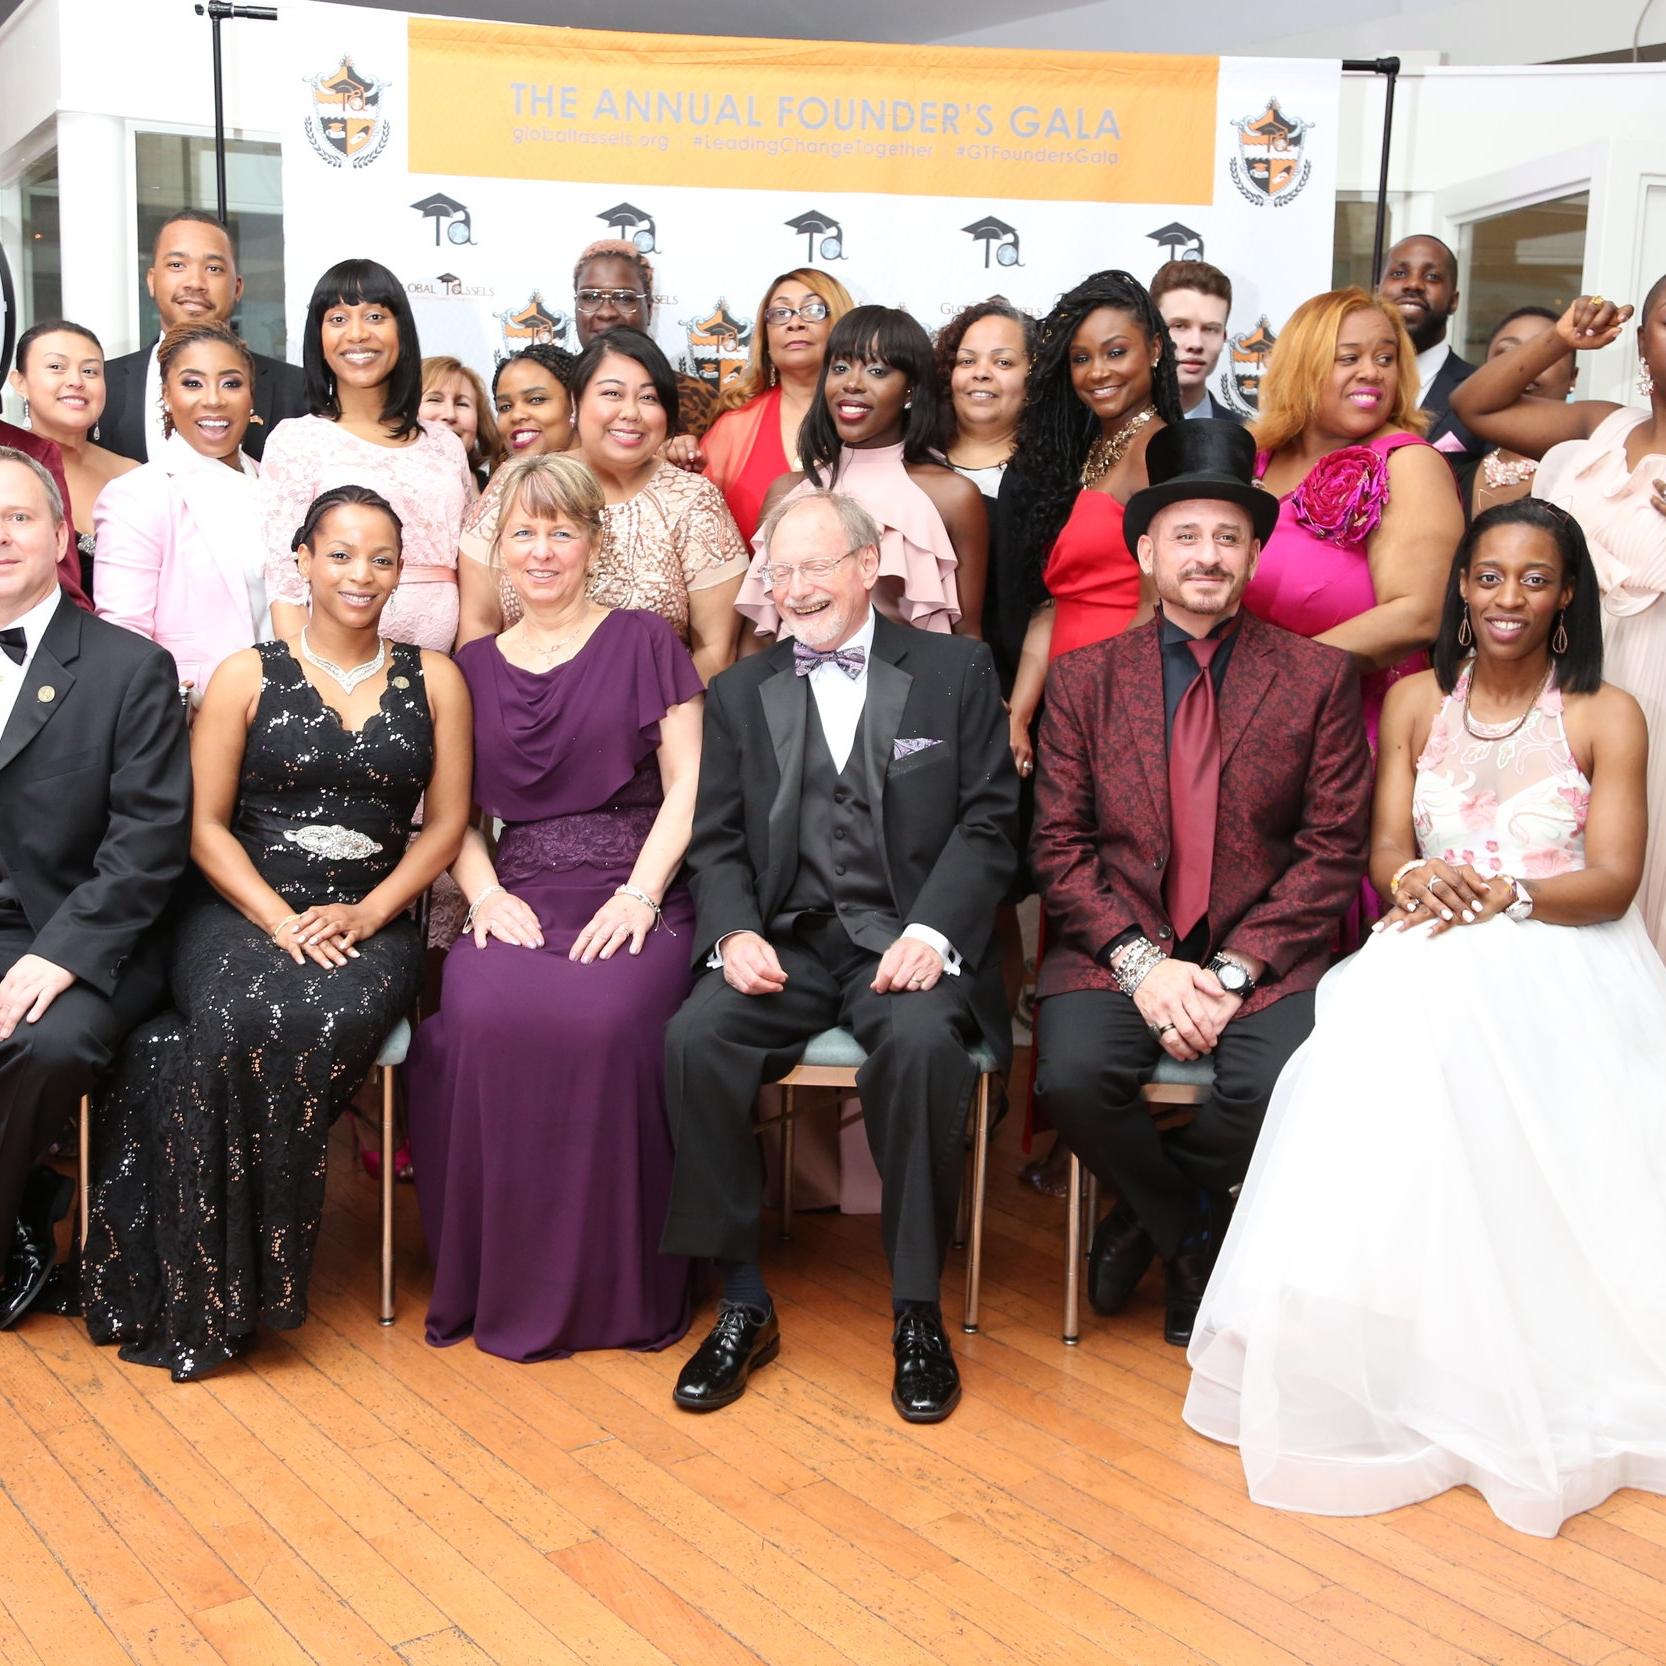 4th Annual Founder's Gala Global Tassels